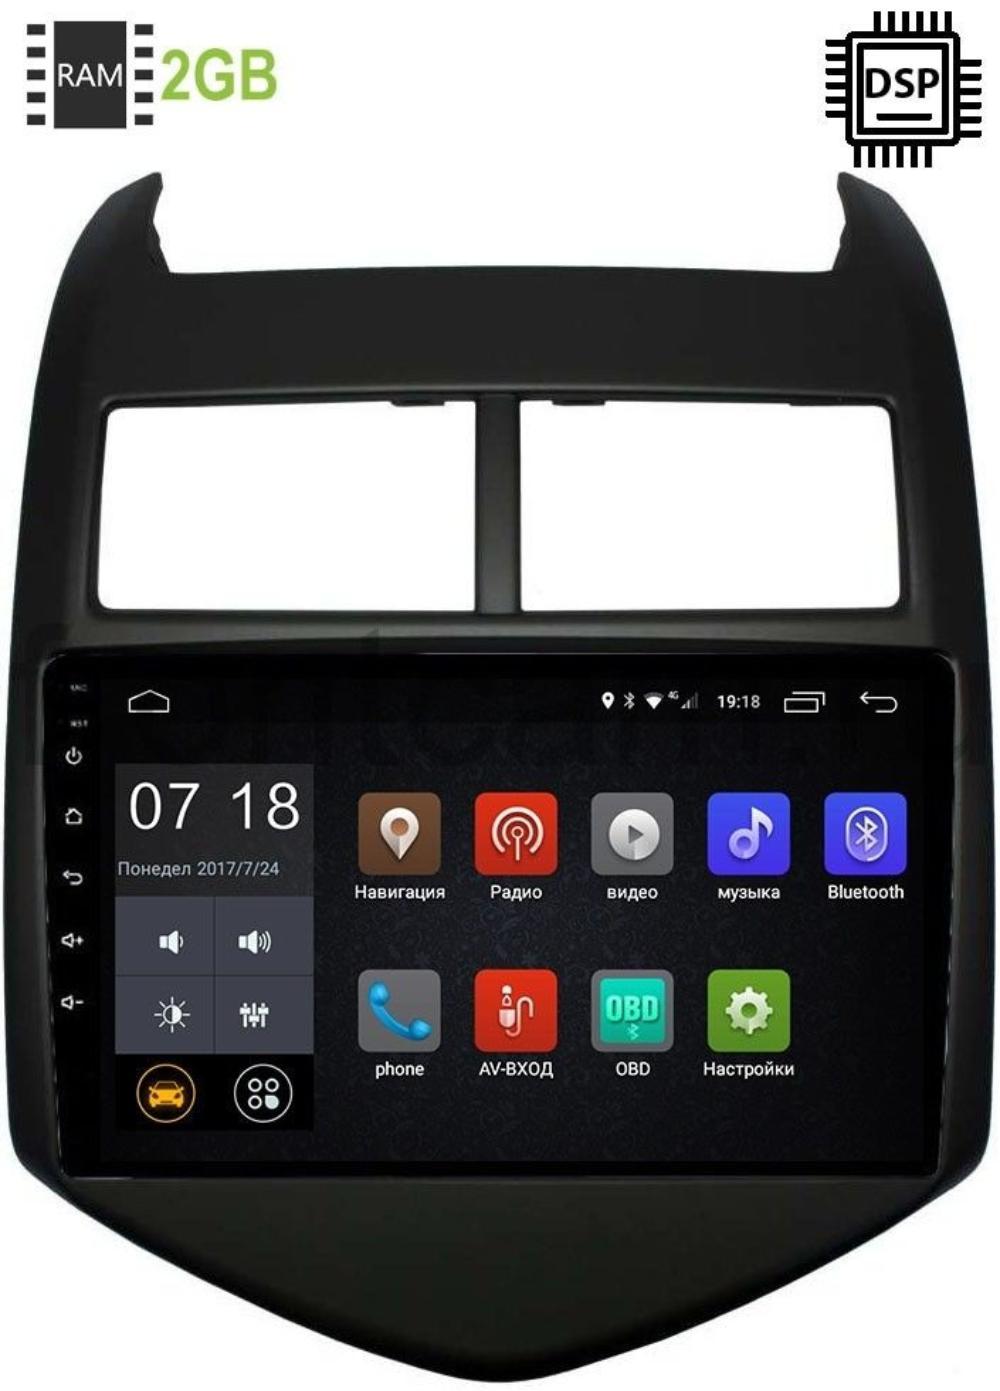 Штатная магнитола Chevrolet Aveo II 2011-2018 LeTrun 2786-2986 Android 9.0 9 дюймов (DSP 2/16GB) 9-181 (+ Камера заднего вида в подарок!)